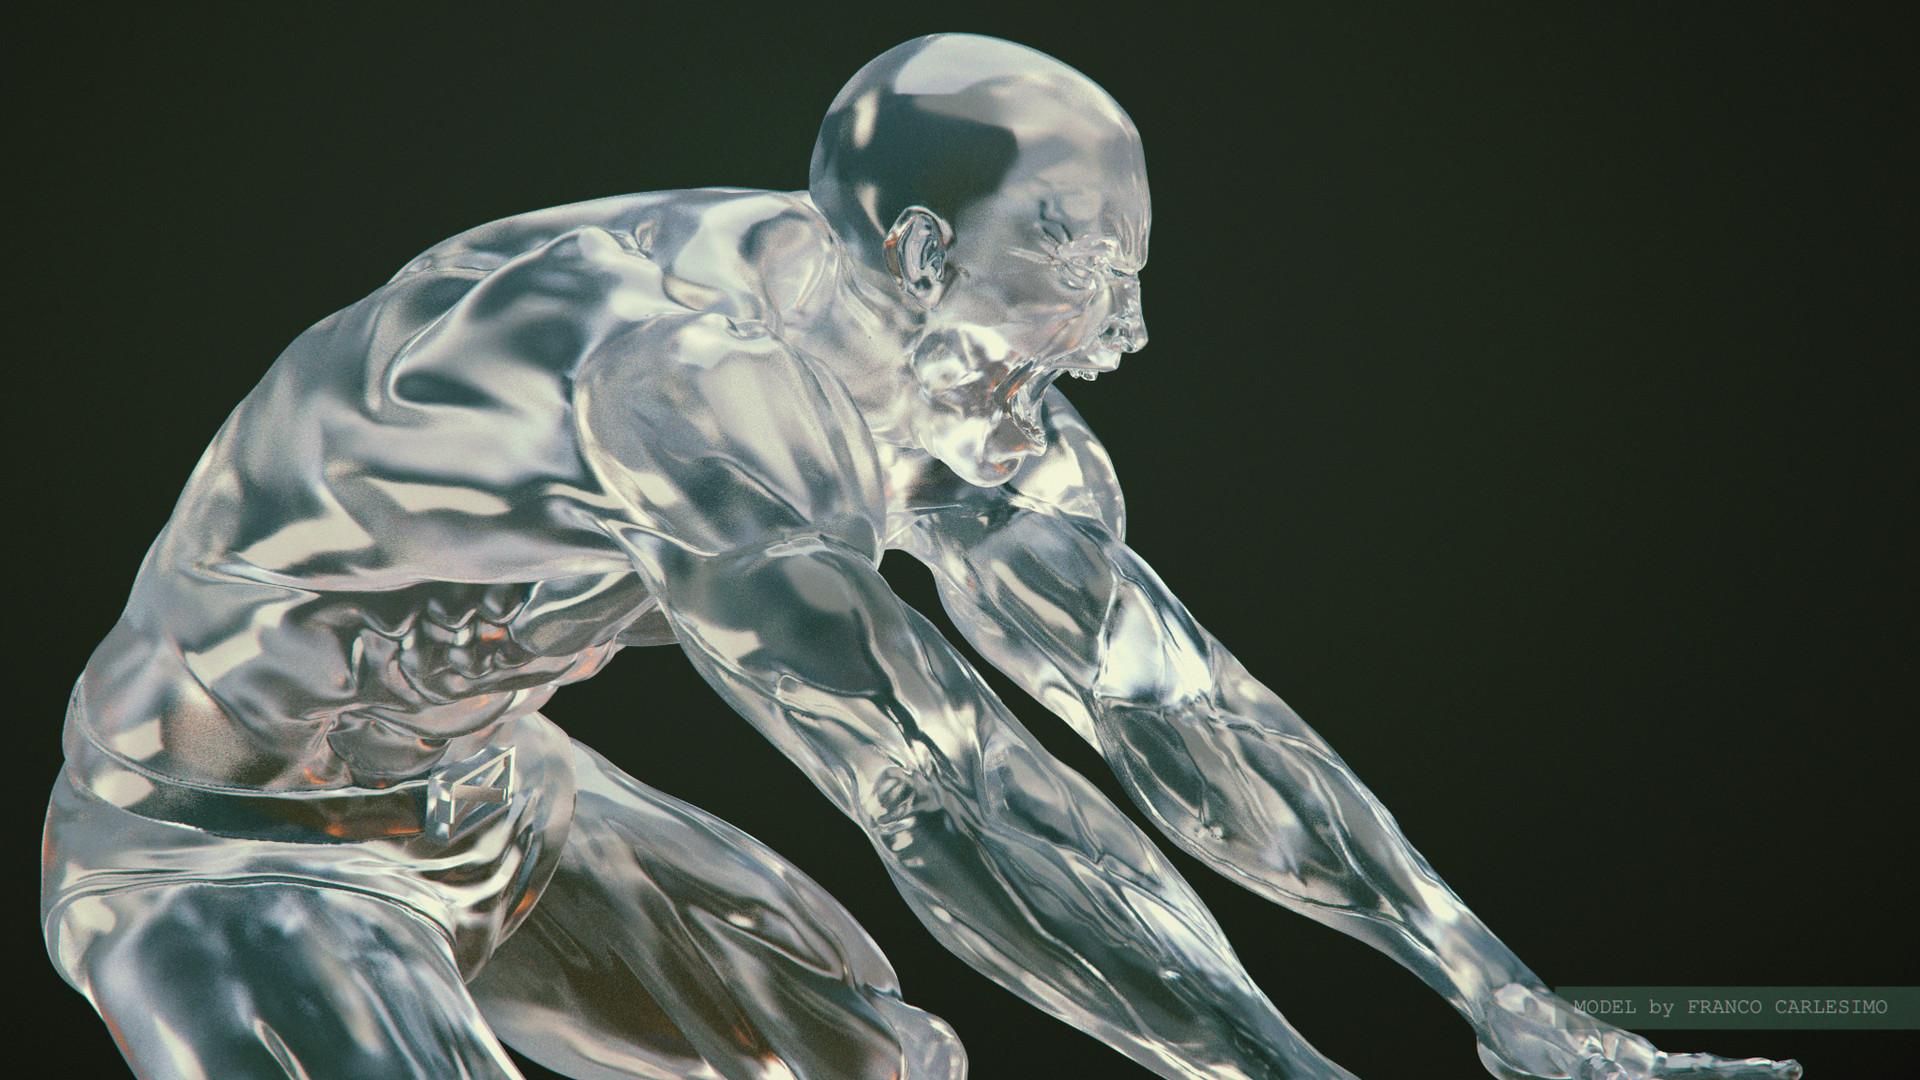 Franco carlesimo iceman comp 00005